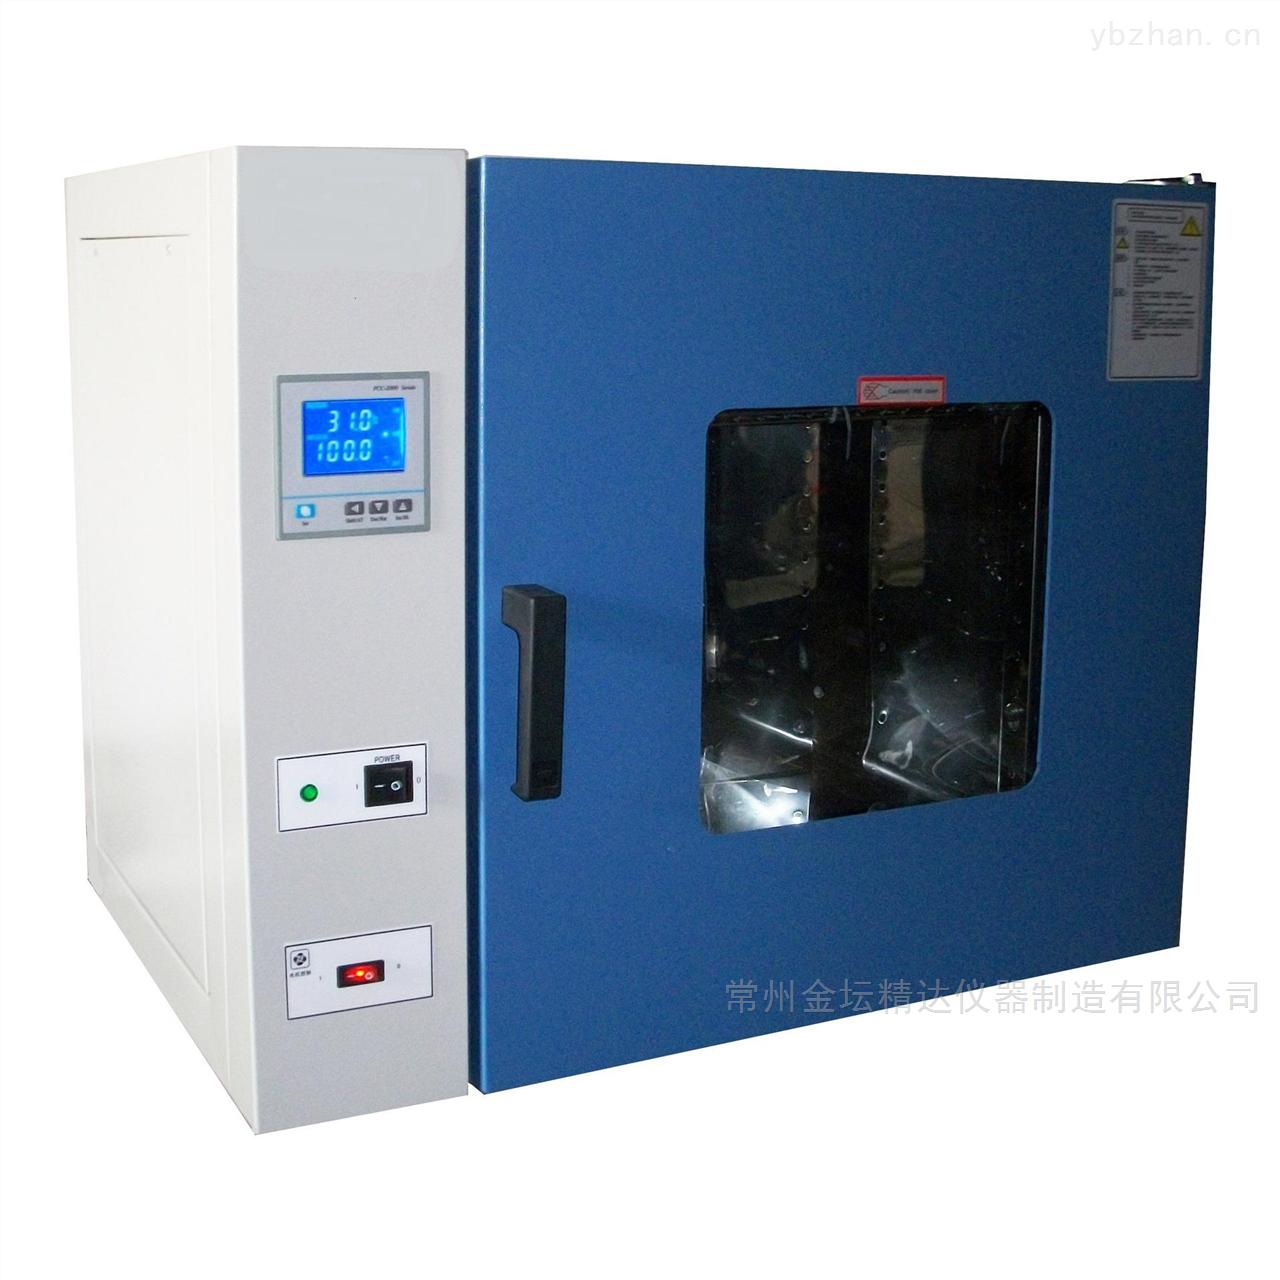 DHG-9625A-立式數顯恒溫鼓風干燥箱型號